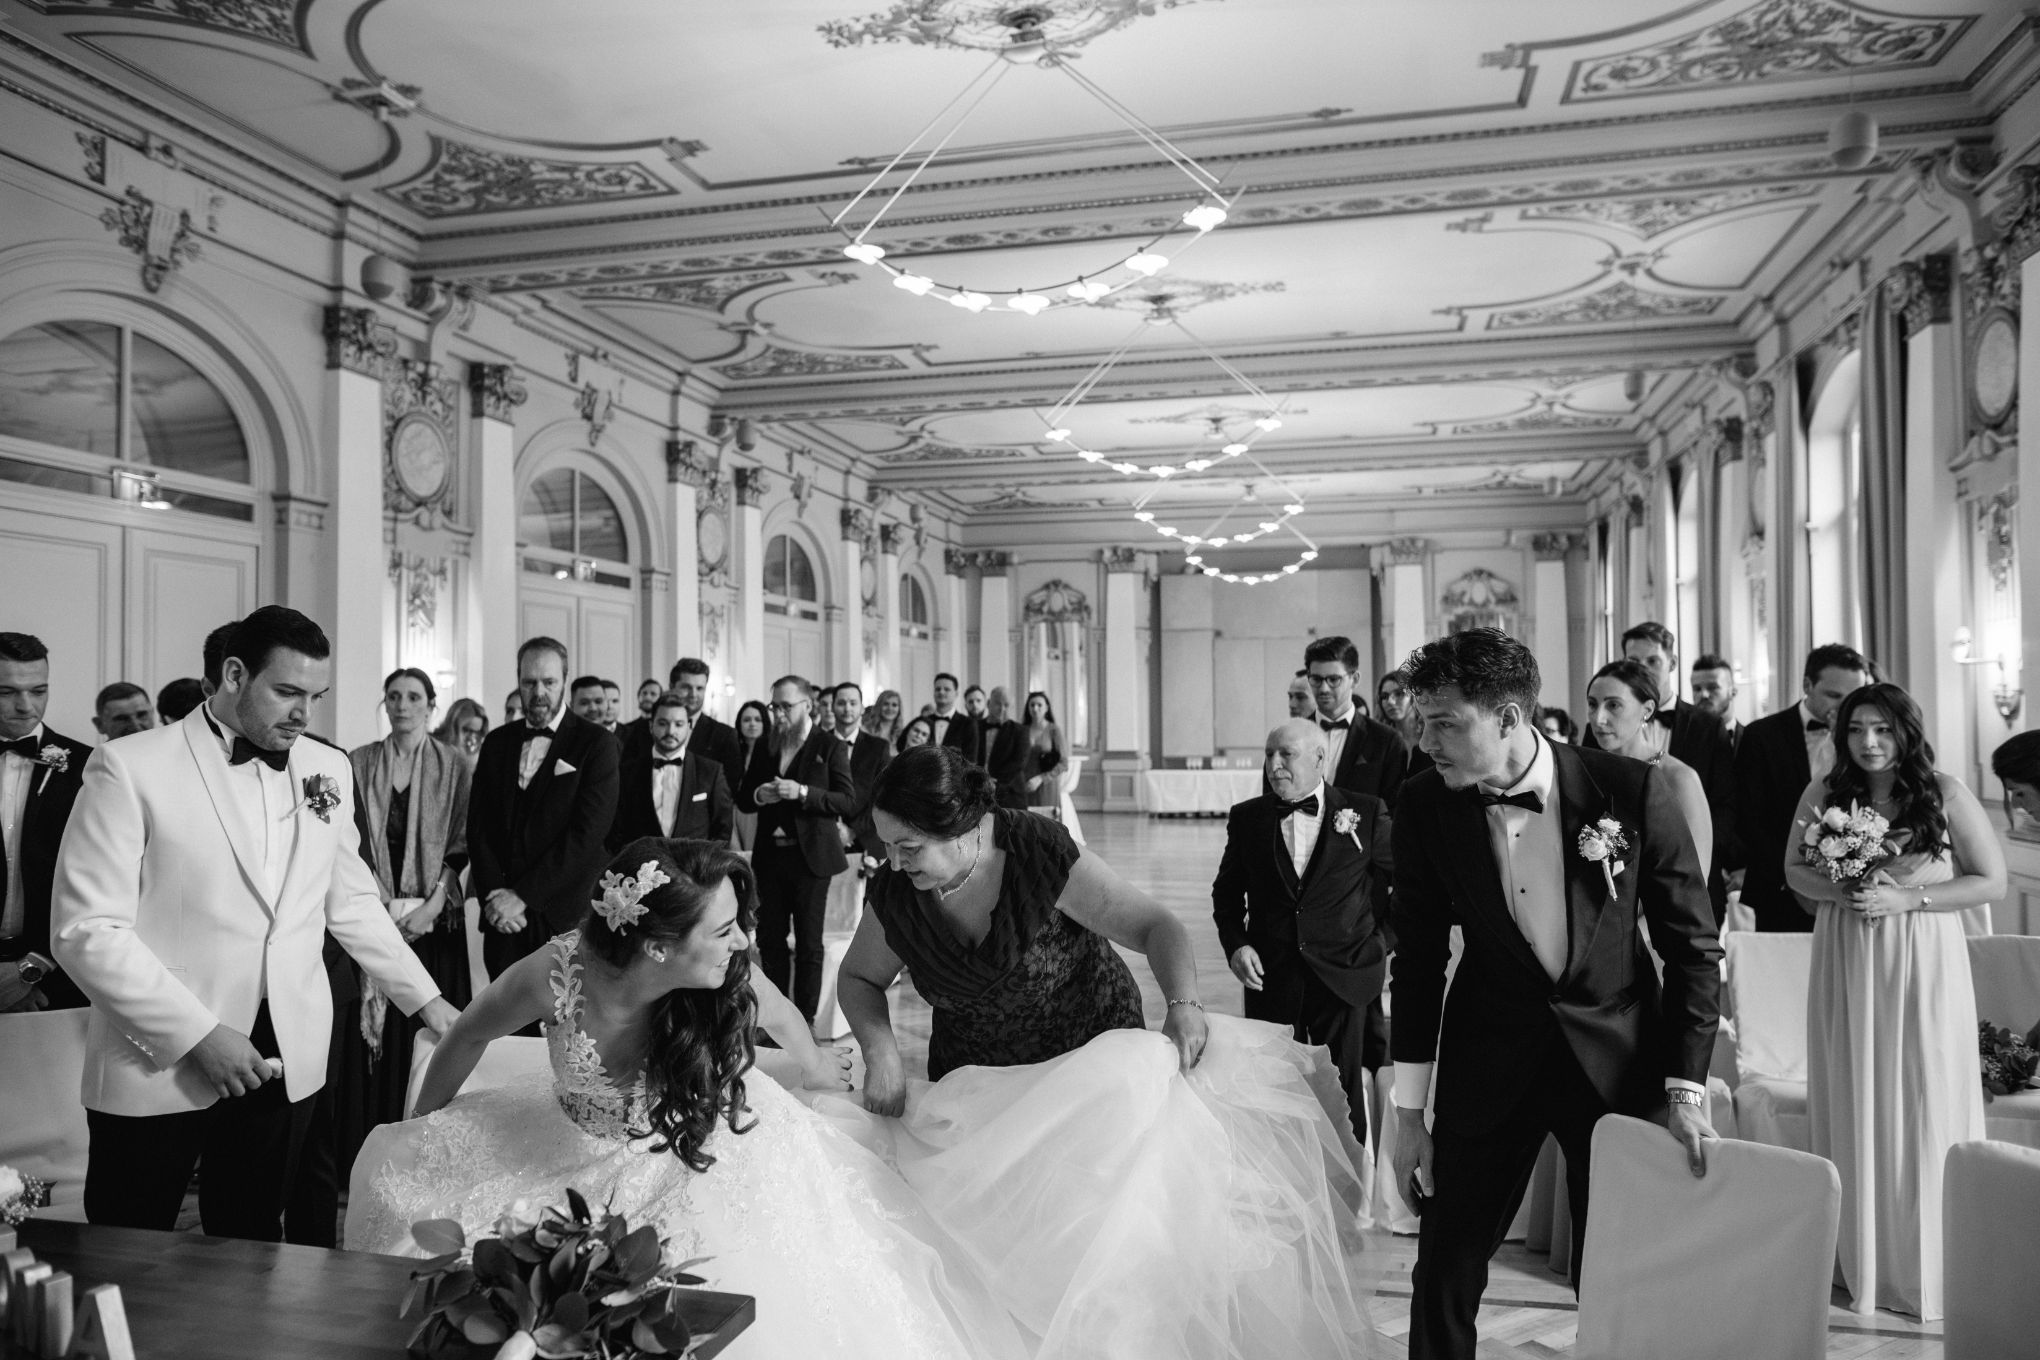 Historische-Stadthalle-Wuppertal-Hochzeit-The-Saums-KN-3-62.jpg